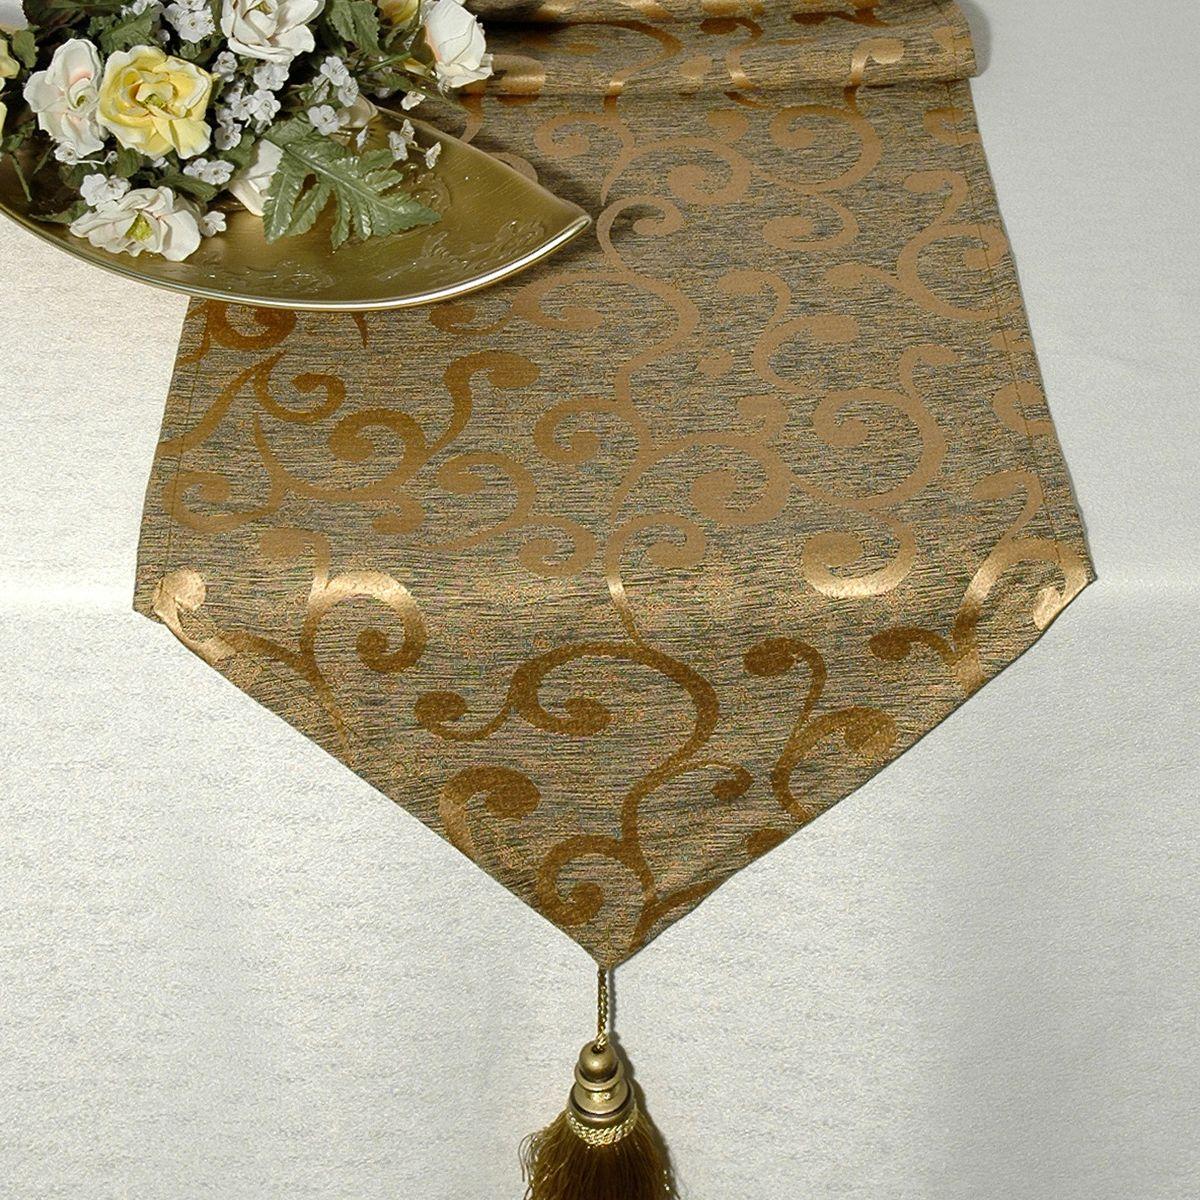 Дорожка для декорирования стола Schaefer, 35x180 см. 06478-23606478-236